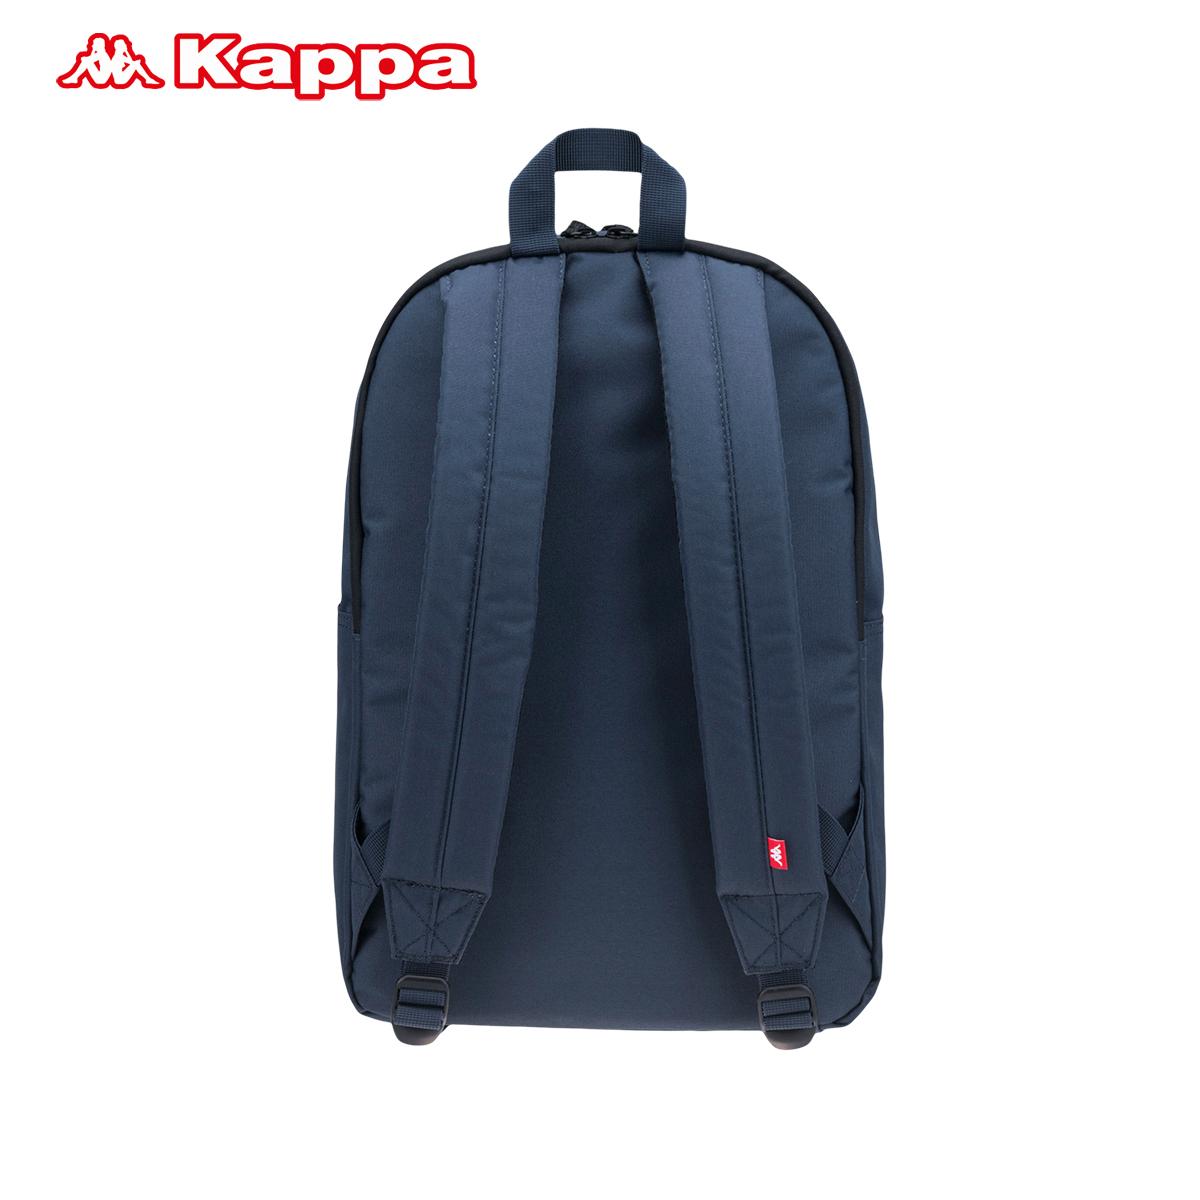 Kappa 卡帕情侣男女款运动双肩包 旅行包 K08W8BS17